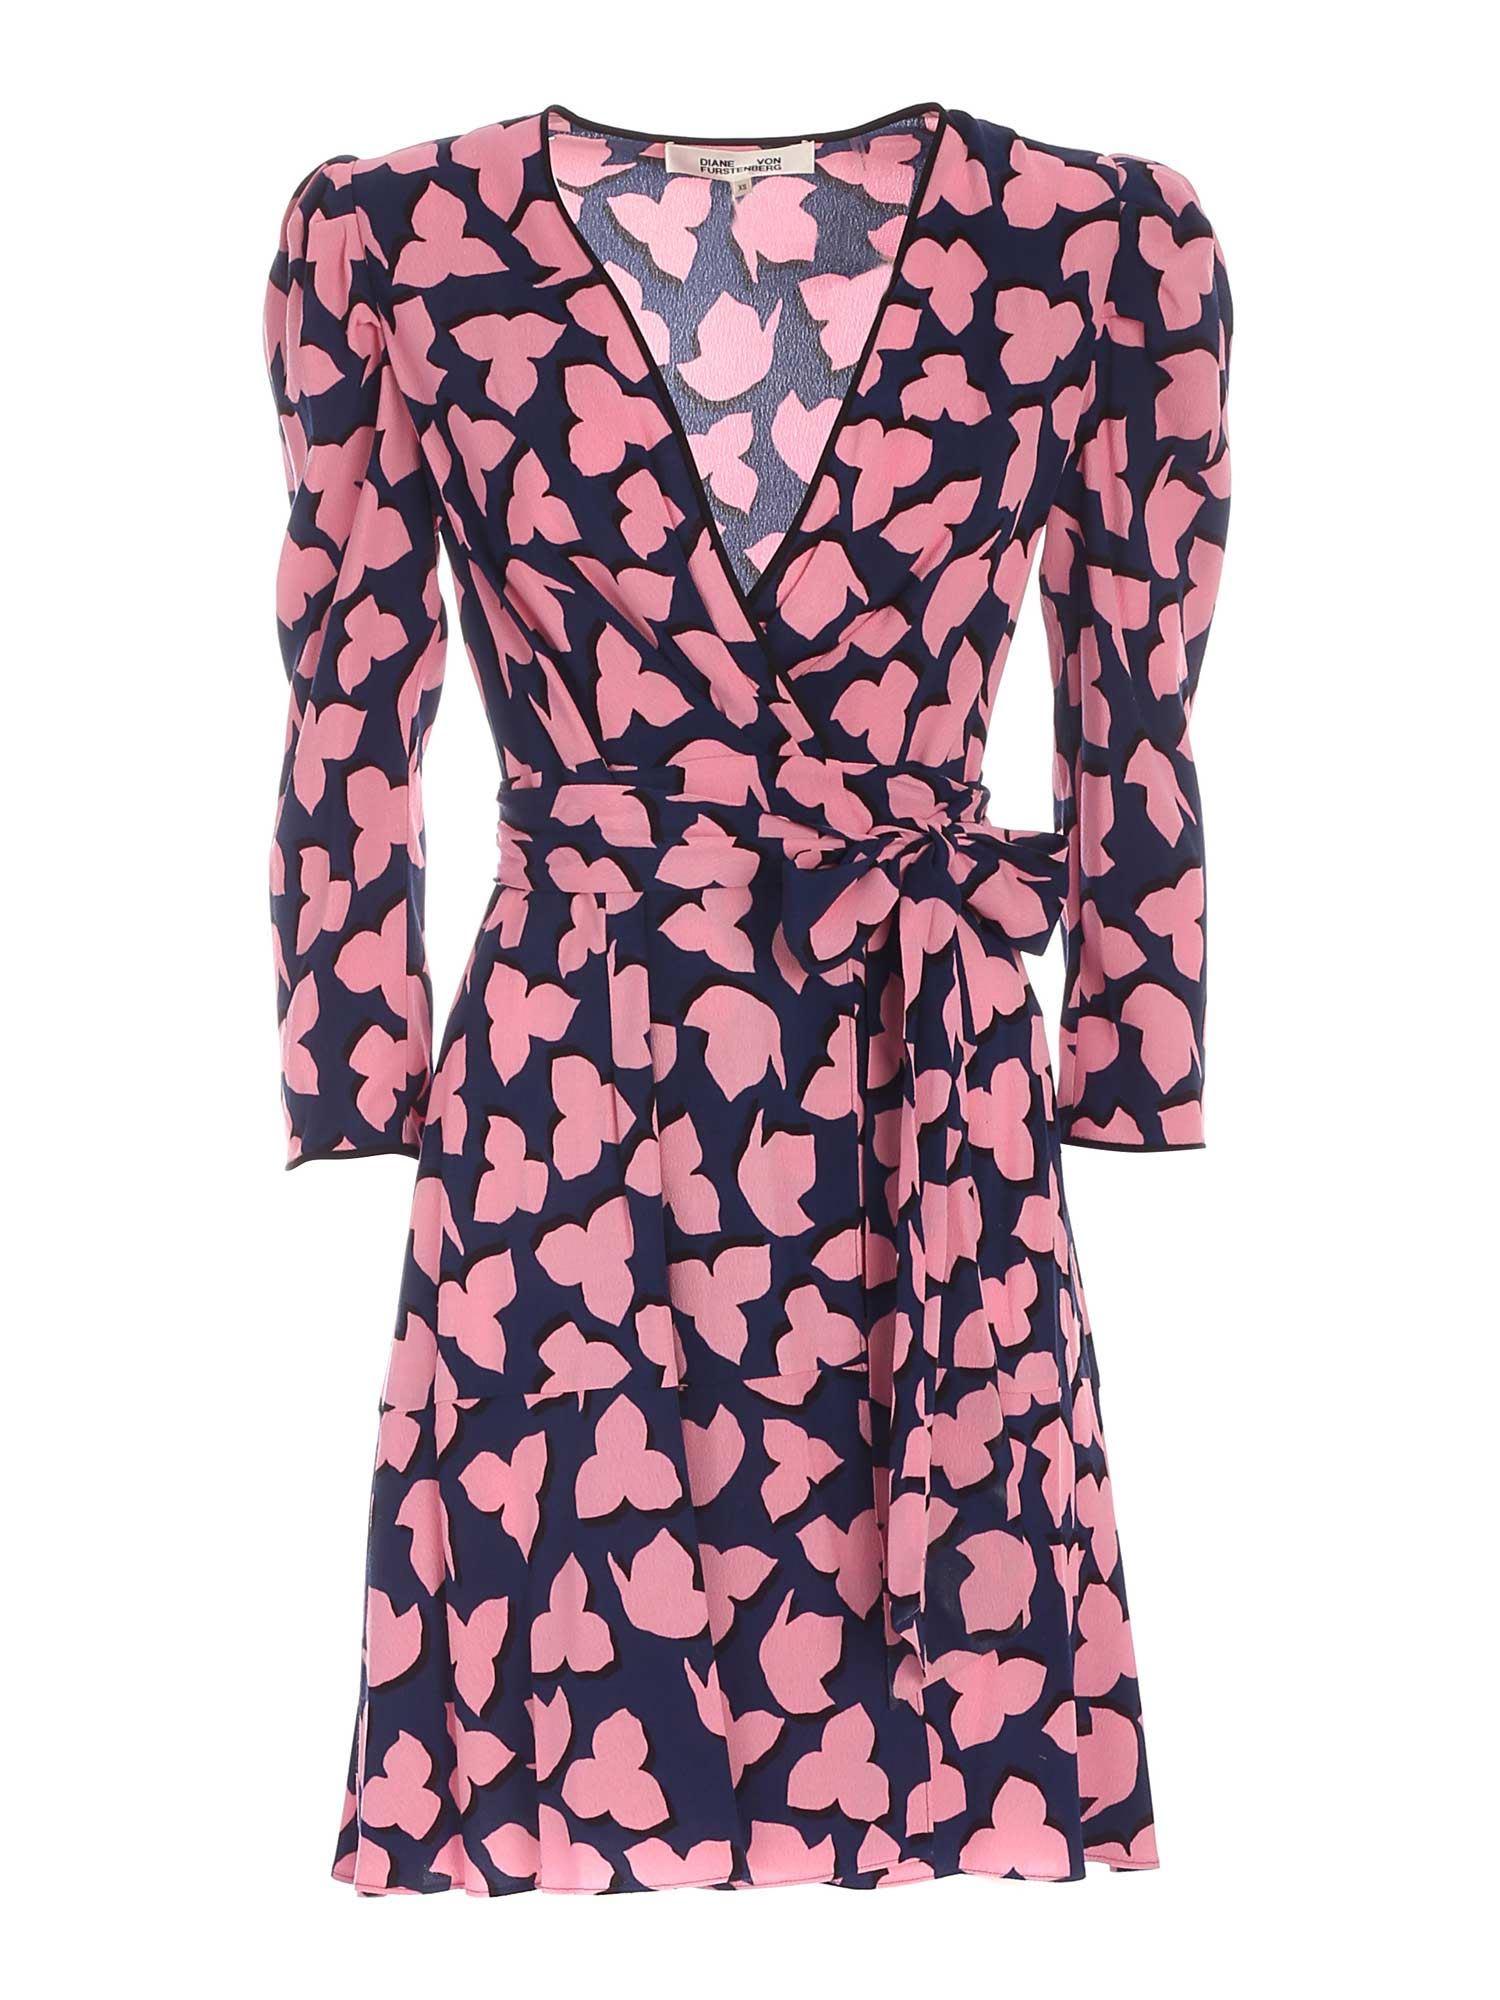 Diane Von Furstenberg – Charlene Dress